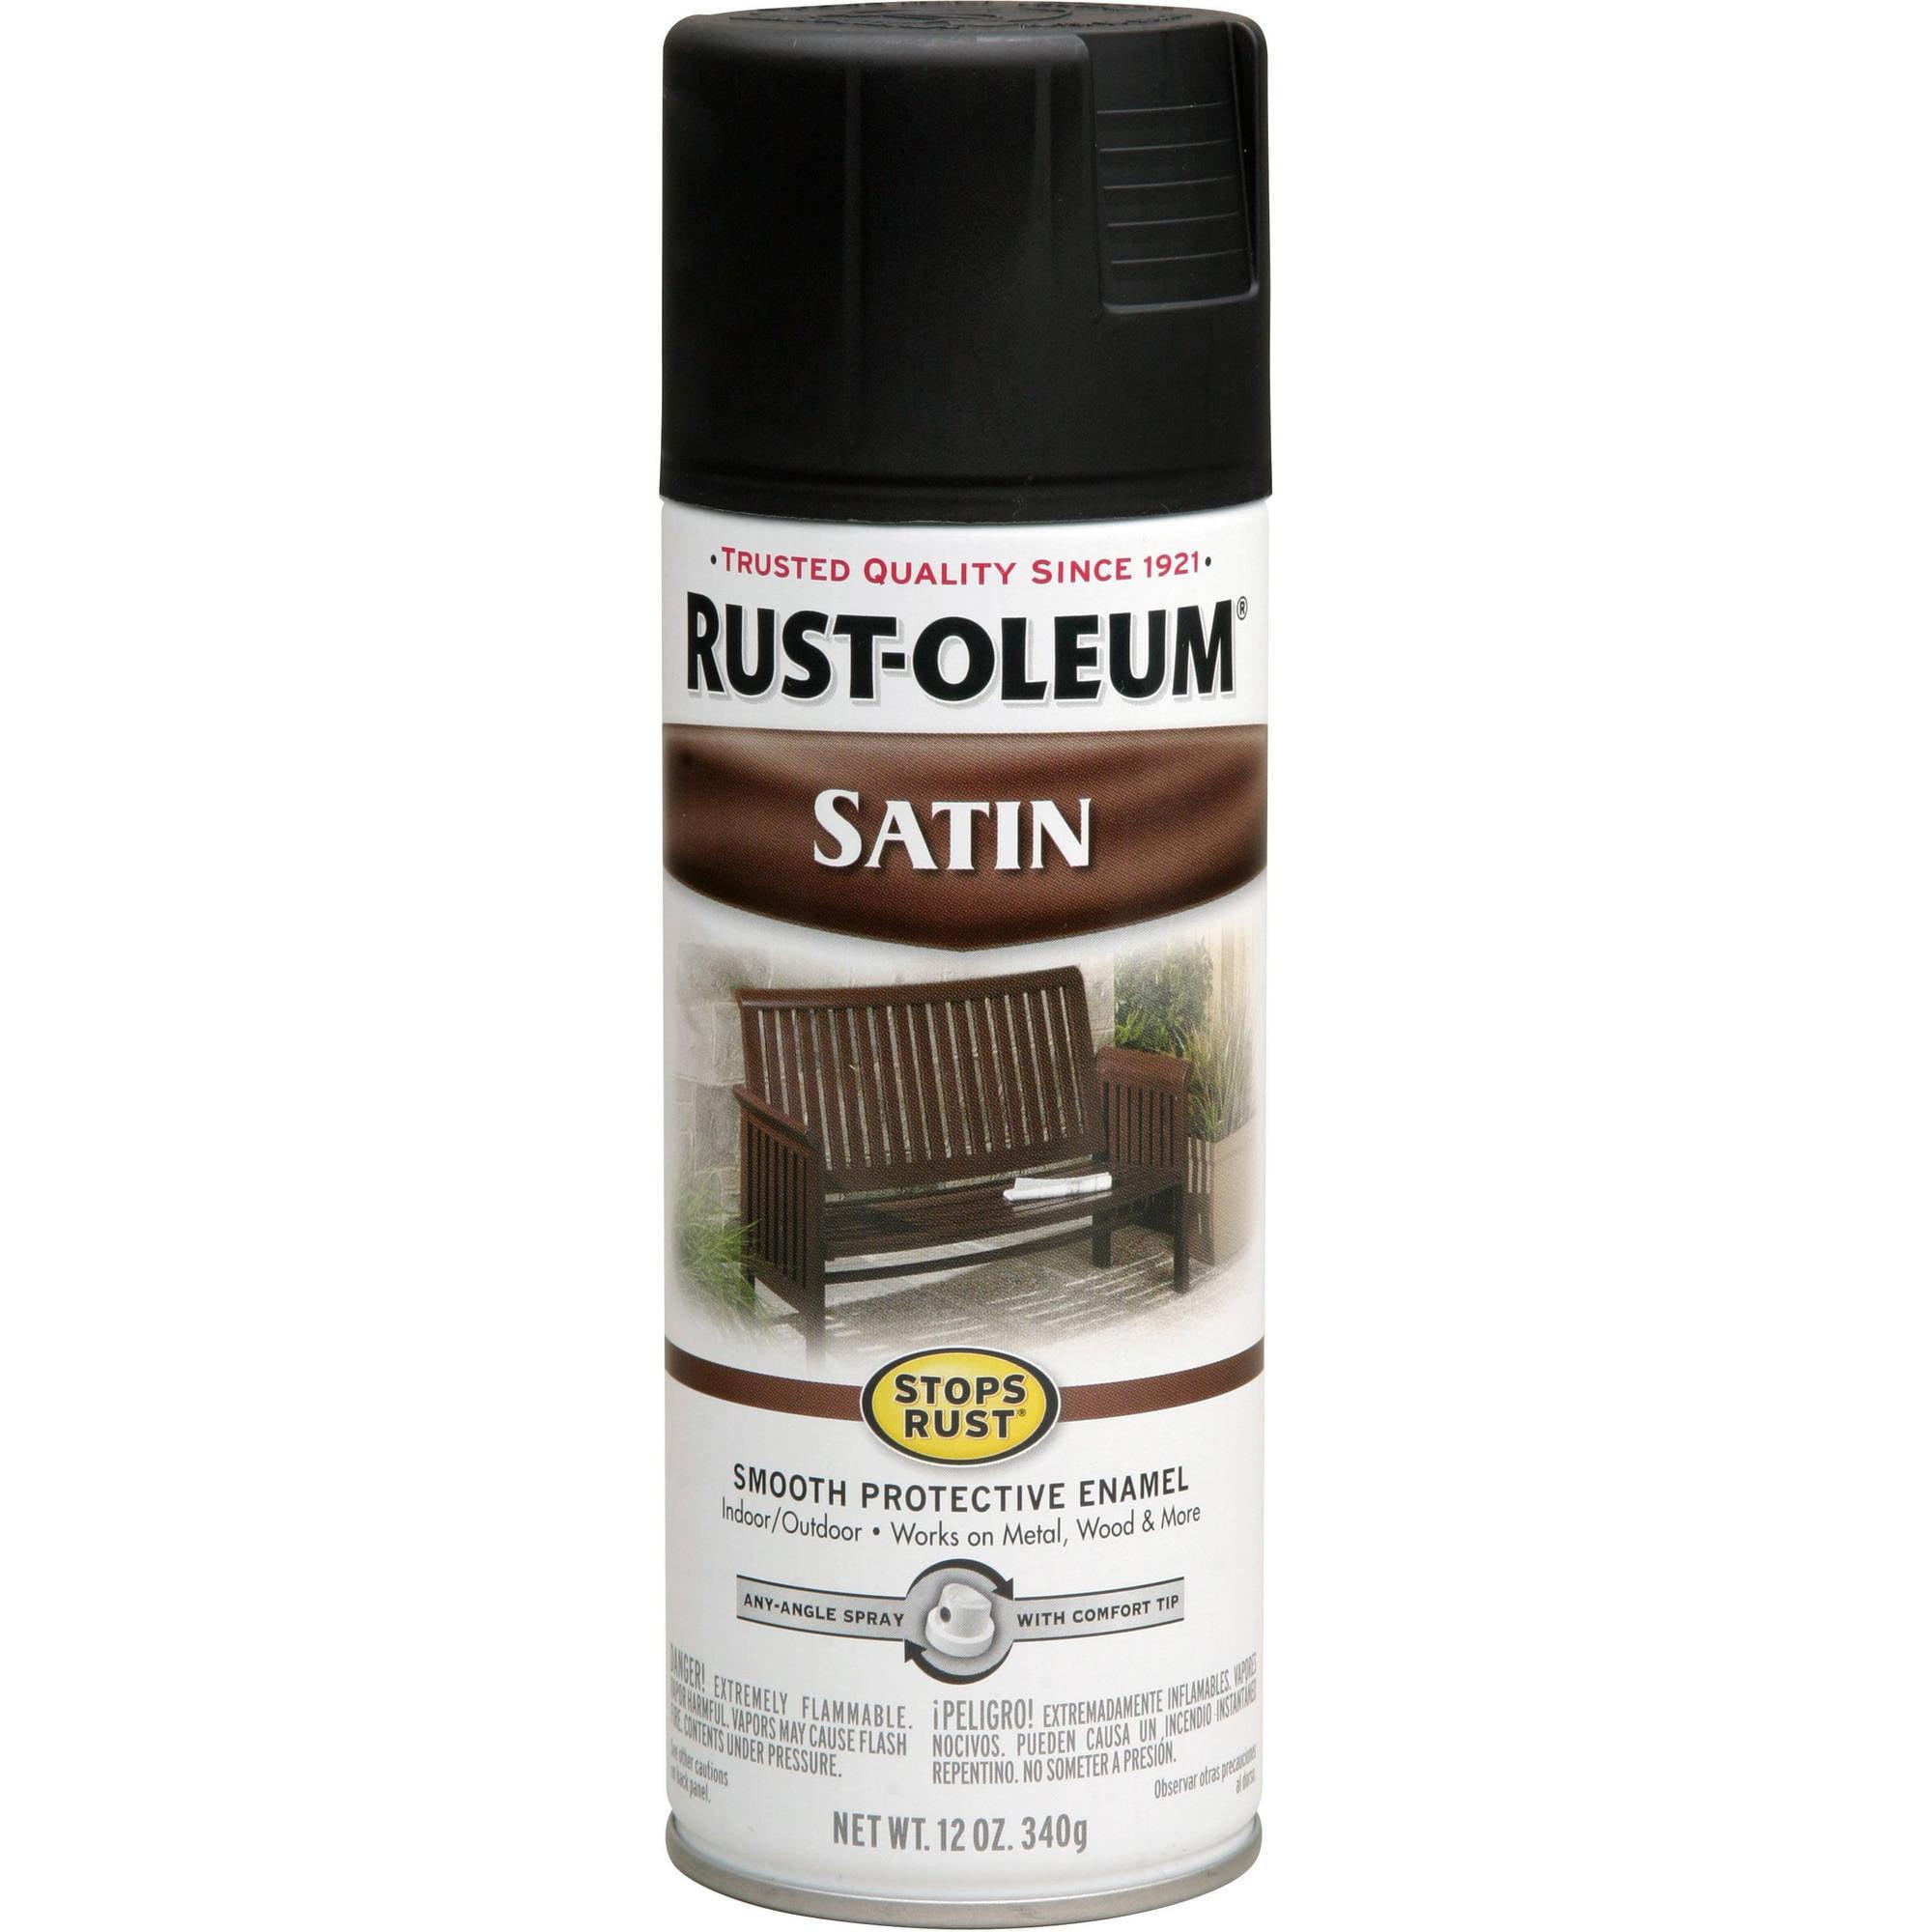 Rust-Oleum Stops Rust Satin Spray Paint